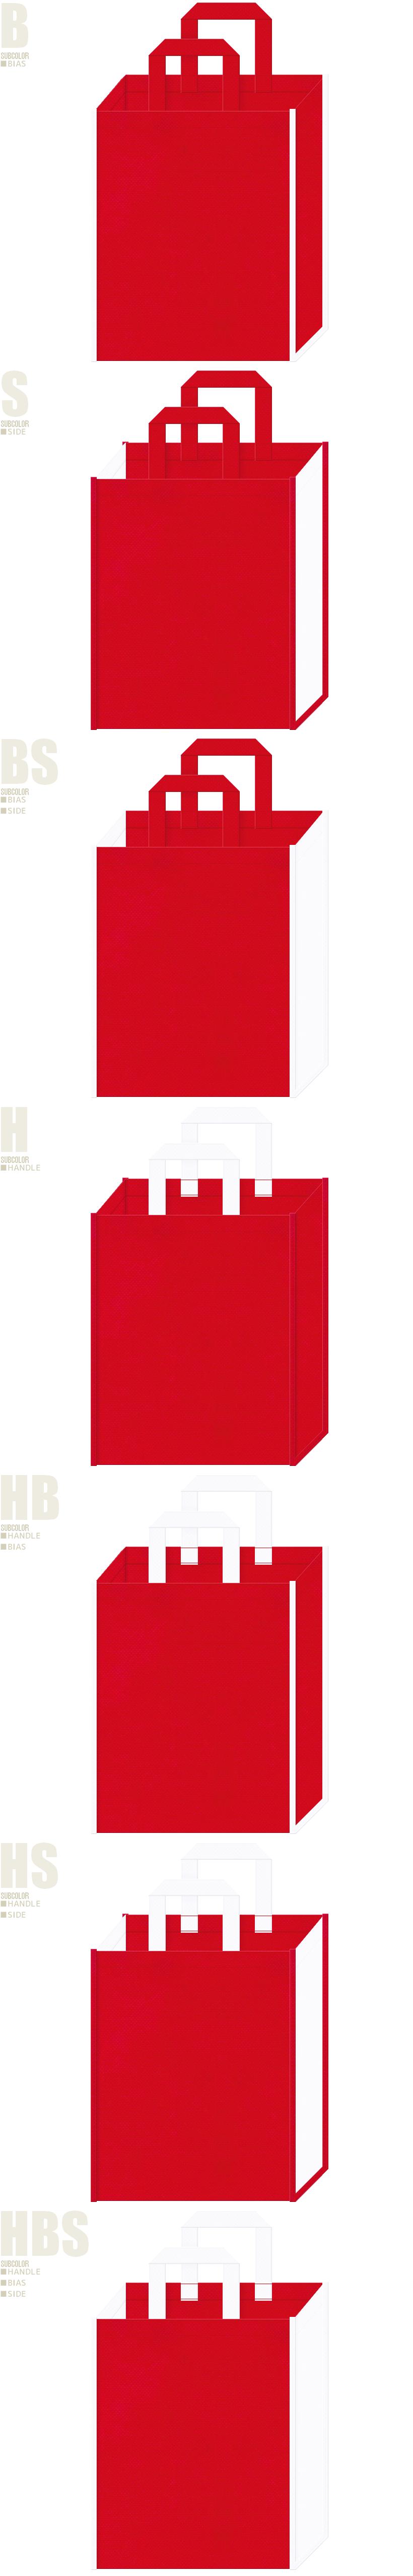 献血・紅白・サンタクロース・クリスマスのイベントにお奨めの不織布バッグデザイン:紅色と白色の配色7パターン